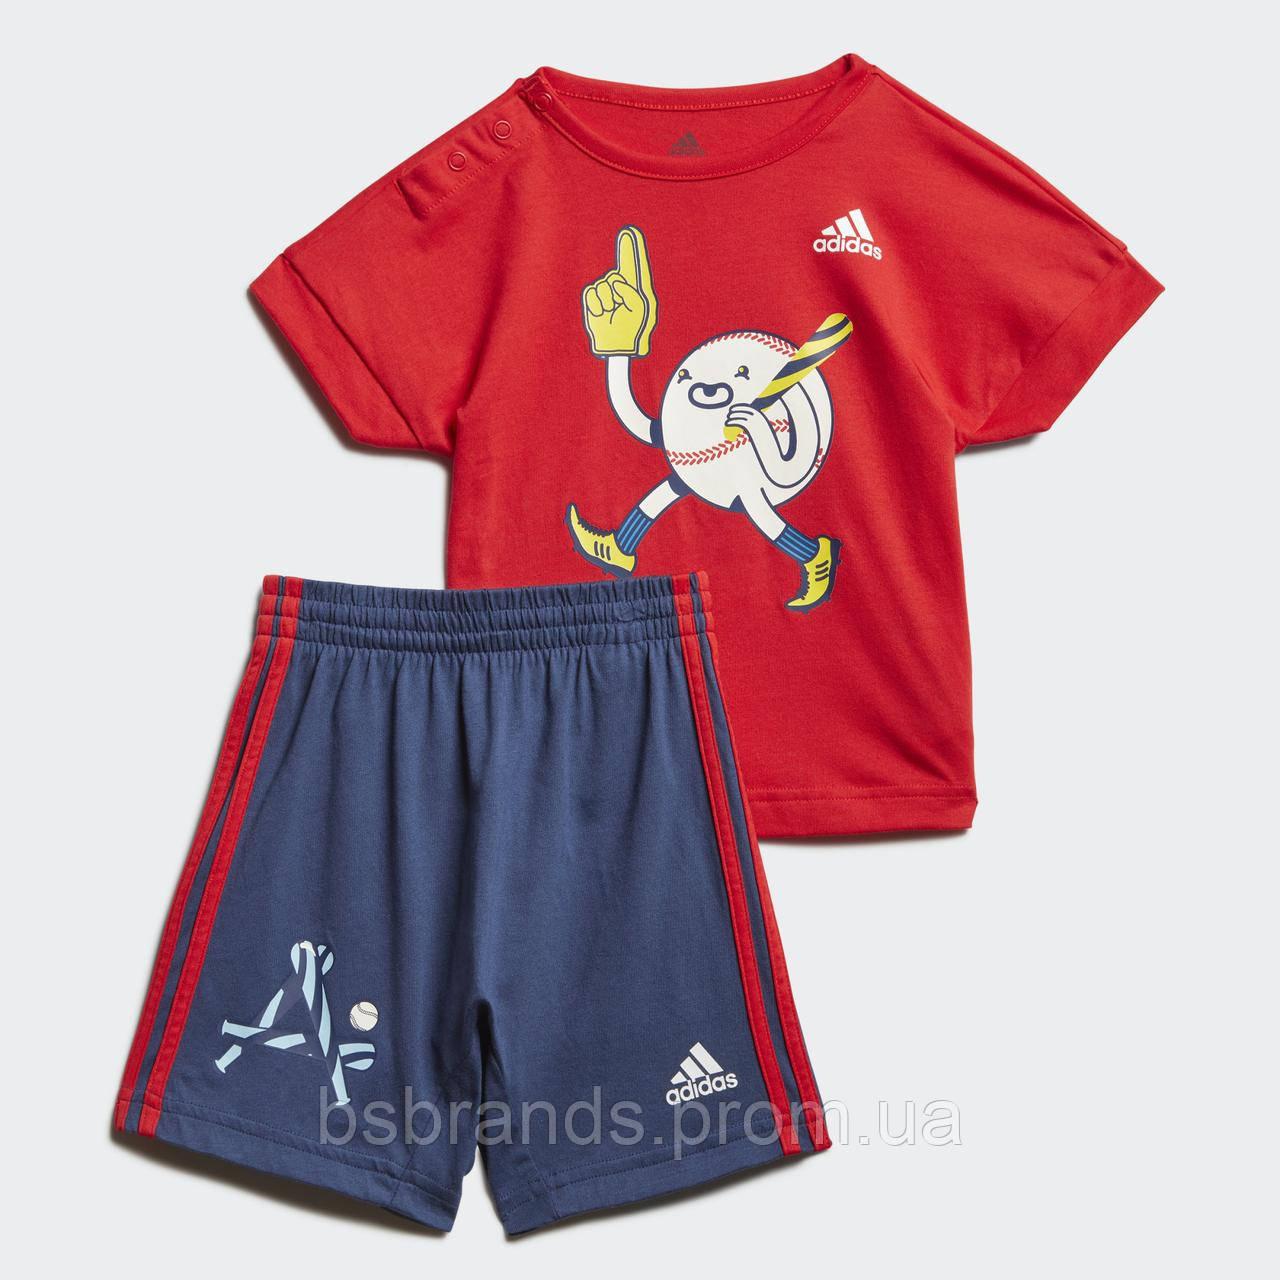 Детский спортивный костюм adidas Character FM6372 (2020/1)